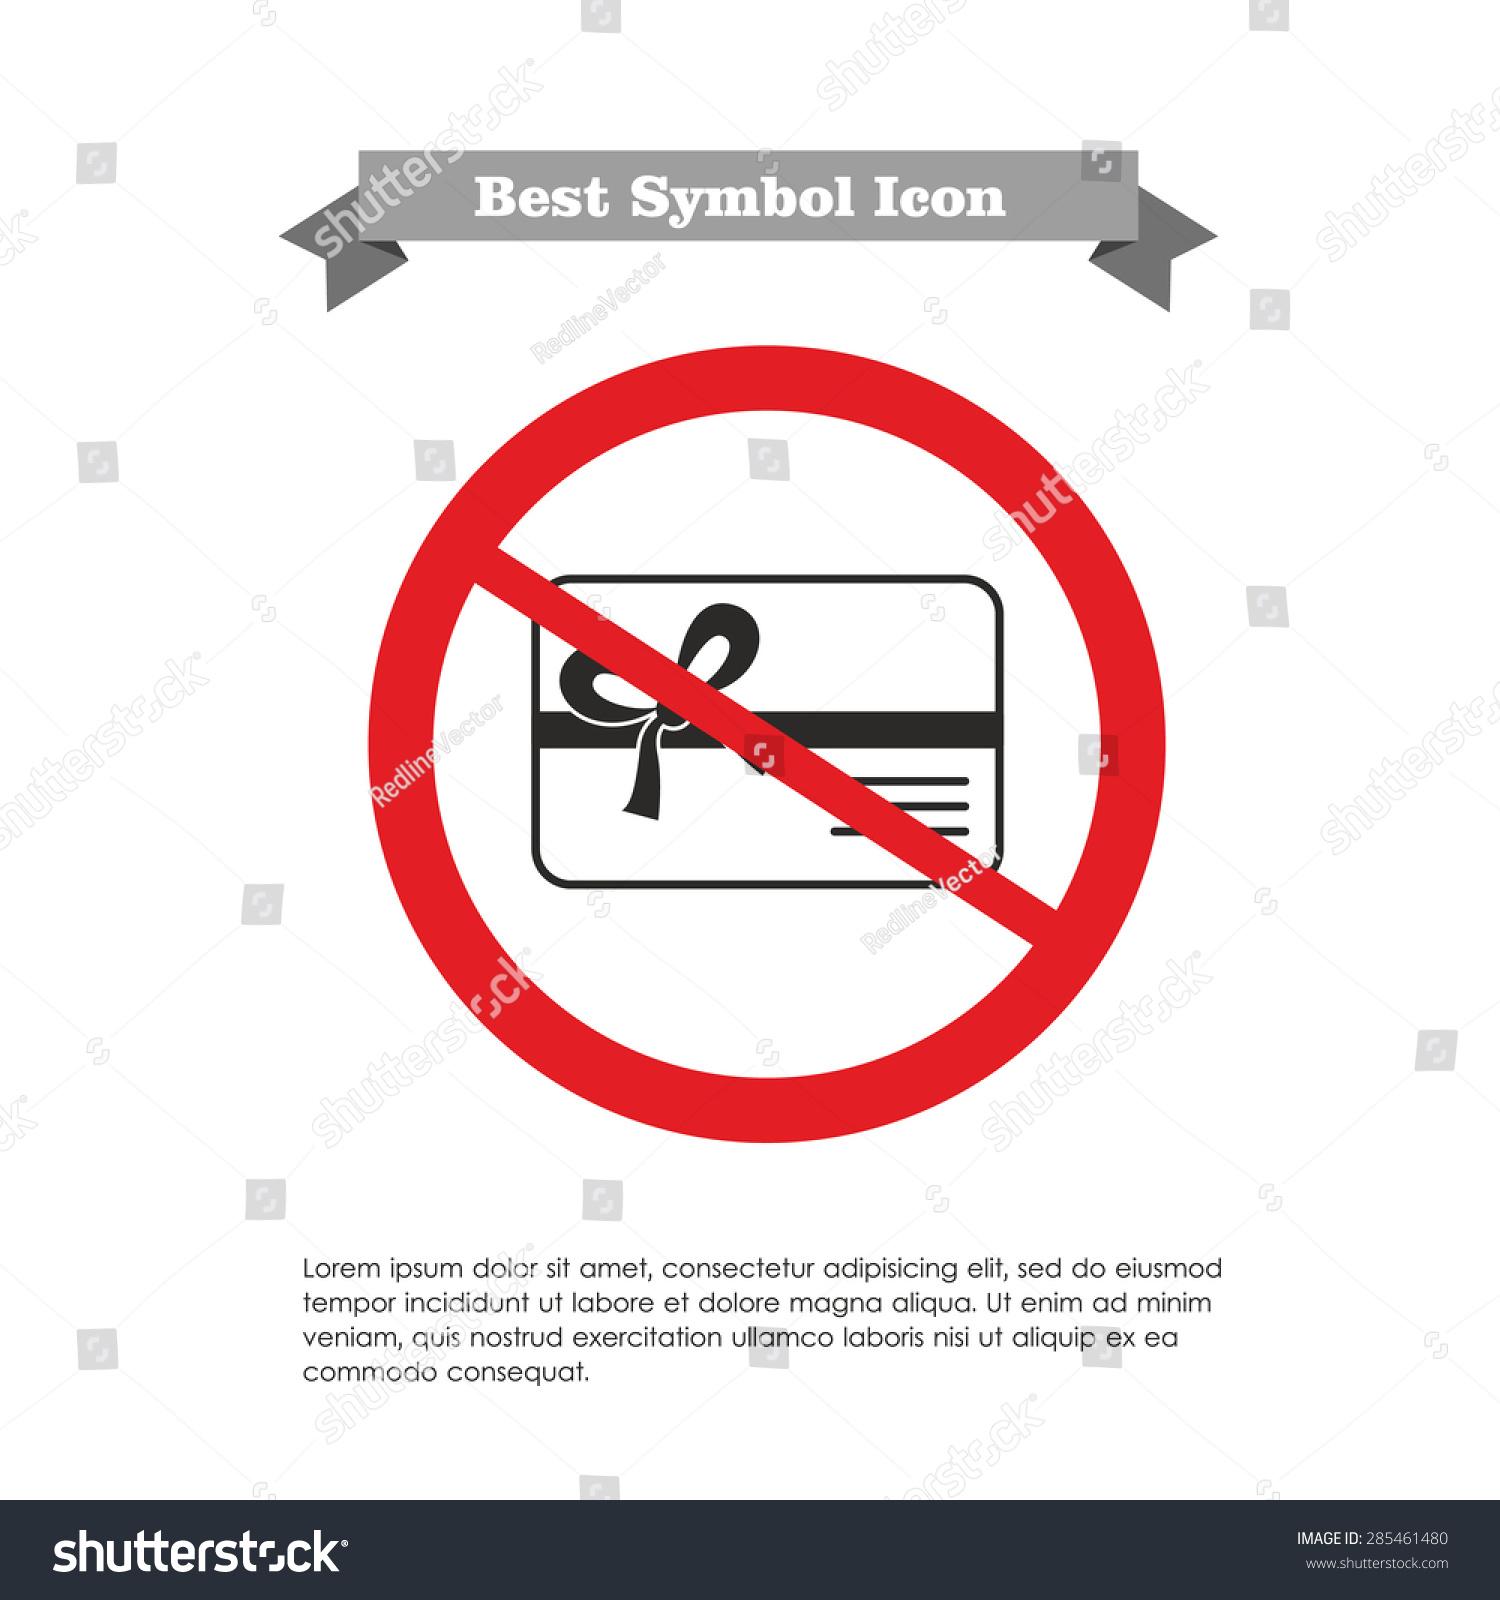 矢量图标礼品卡丝带和蝴蝶结的禁止符号,文本灰色丝带